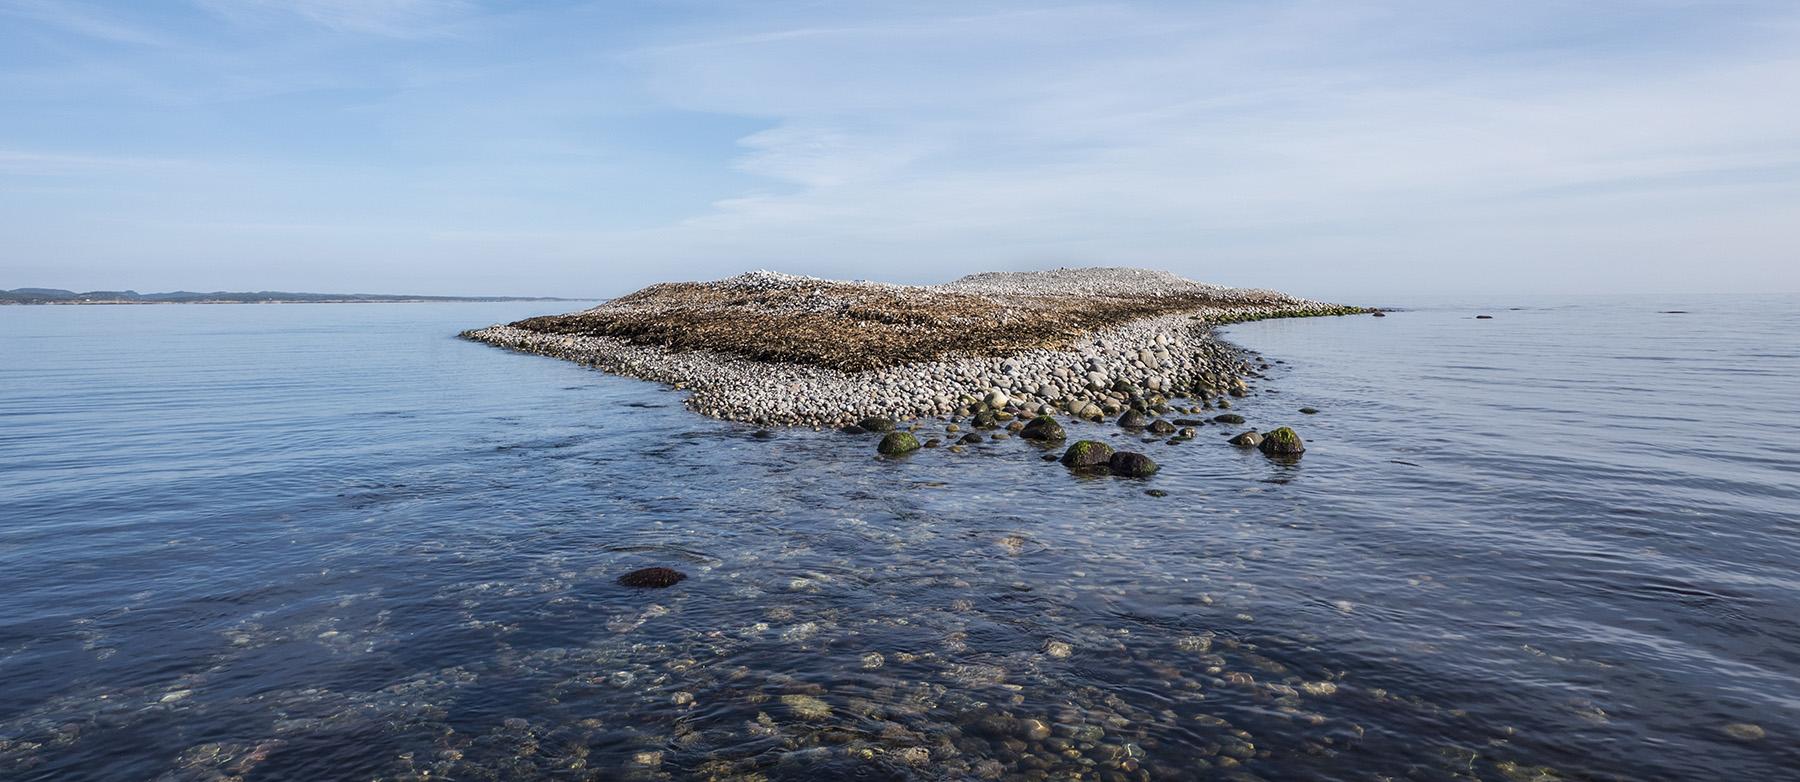 Endemorenen fra siste istid – raet – dukker opp av havet som en haug rullestein og danner øya Målen i Raet nasjonalpark. Foto: Øystein Paulsen